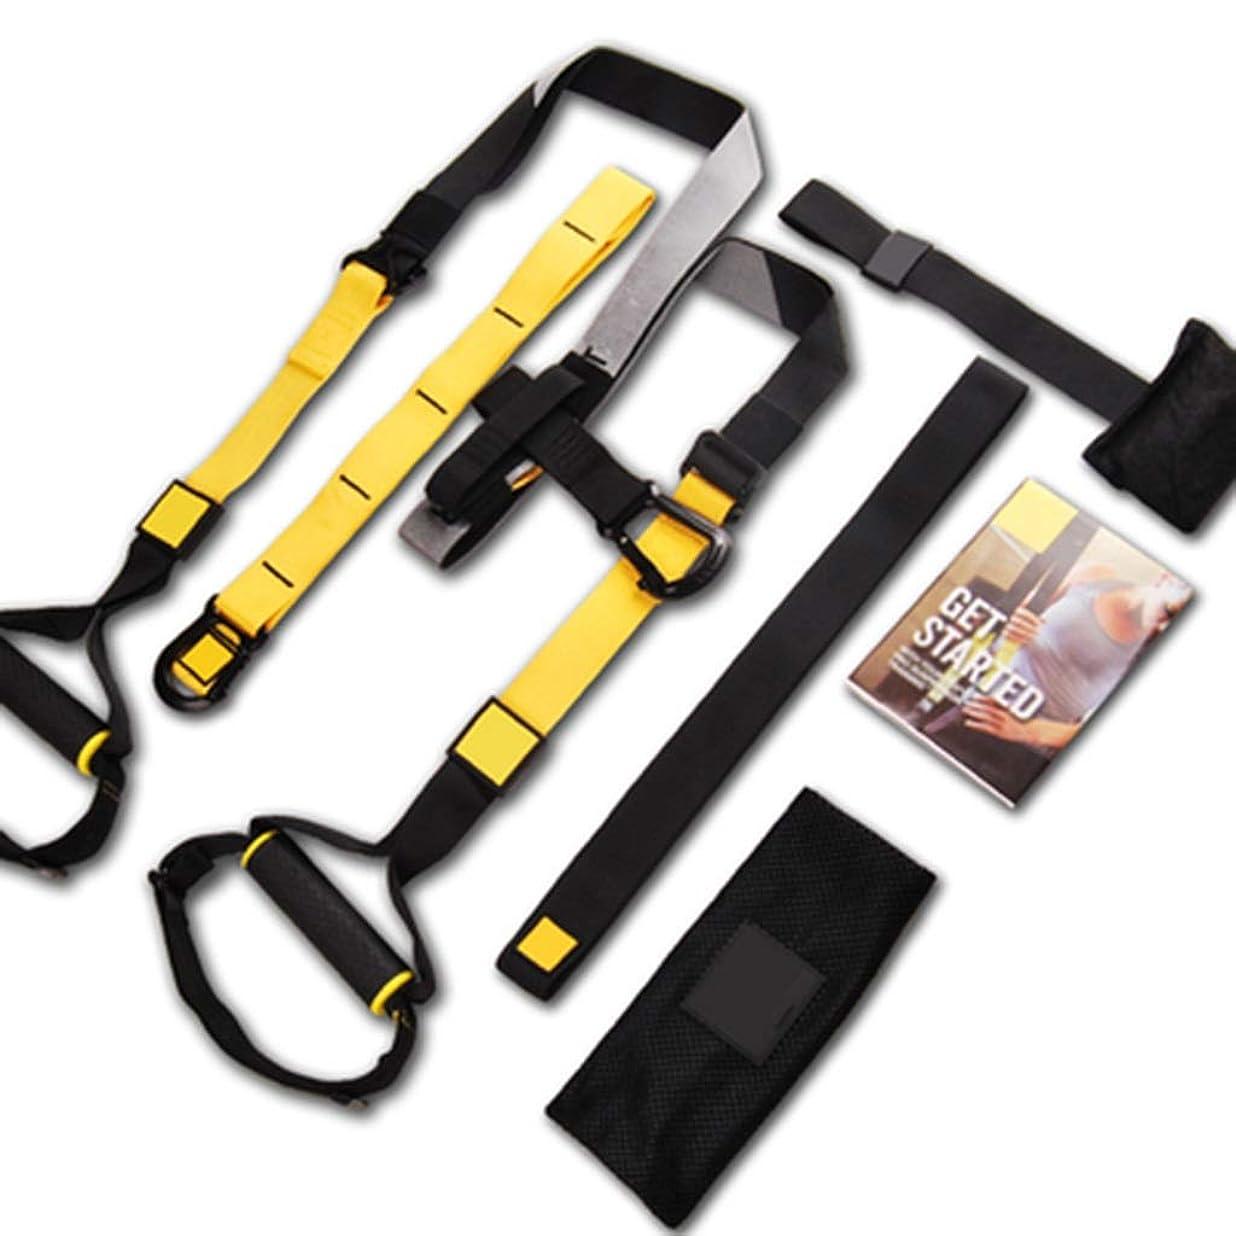 ハイブリッド森林周辺吊り下げトレーニングベルトP7プルロープジム専用フィットネス機器 (色 : Suspension belt)